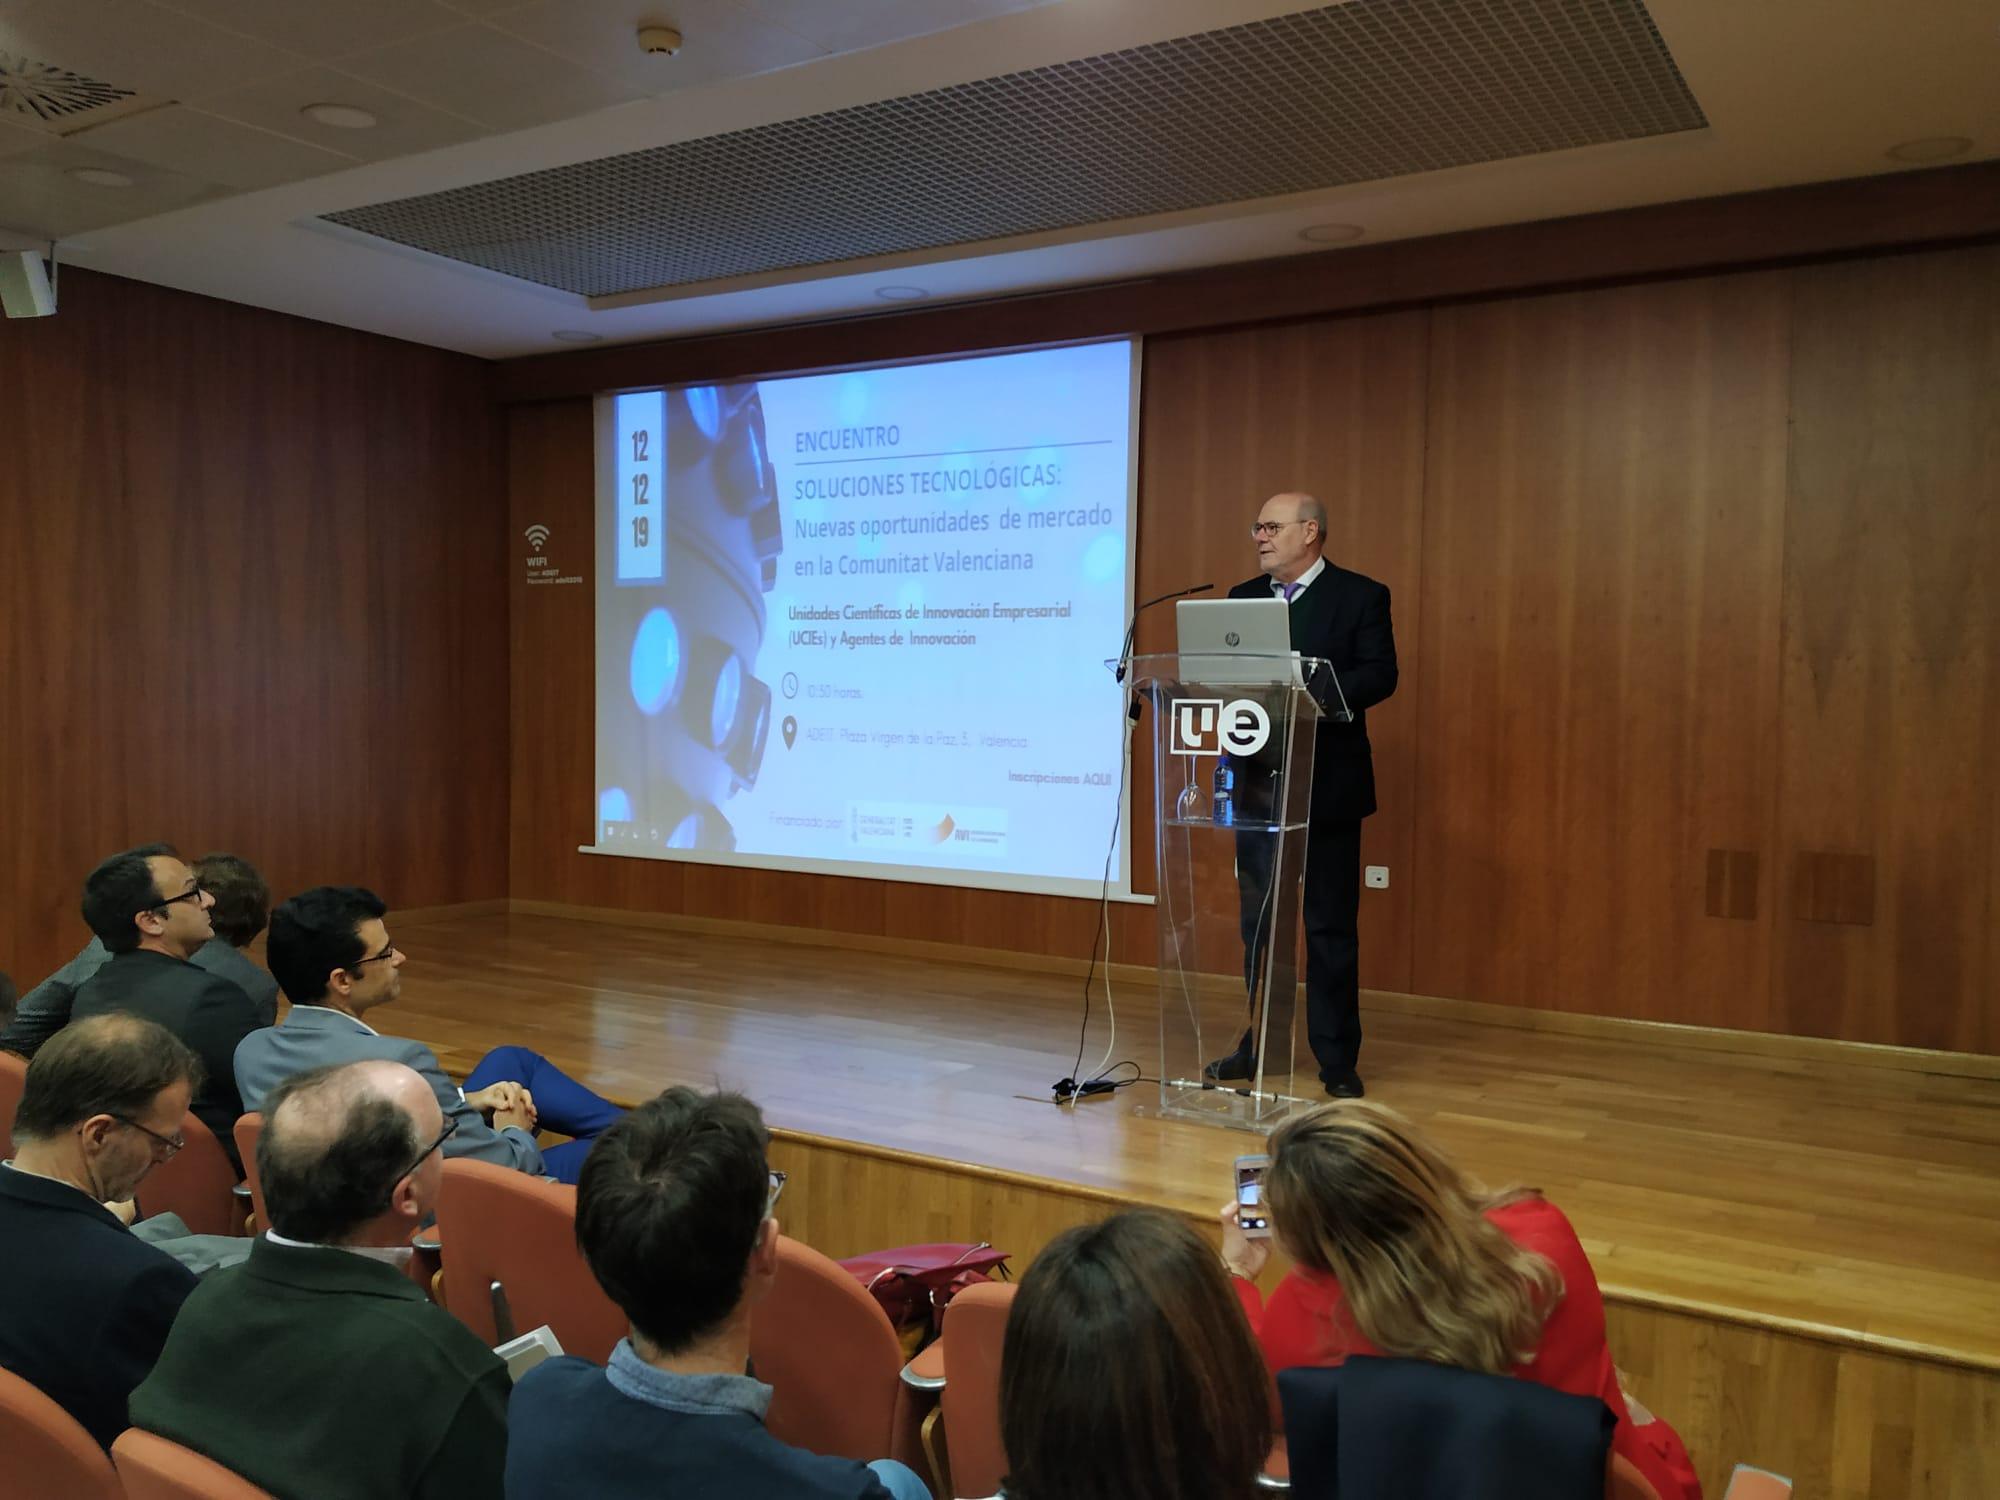 Imagen destacada La AVI presenta 40 soluciones tecnológicas desarrolladas por centros de investigación